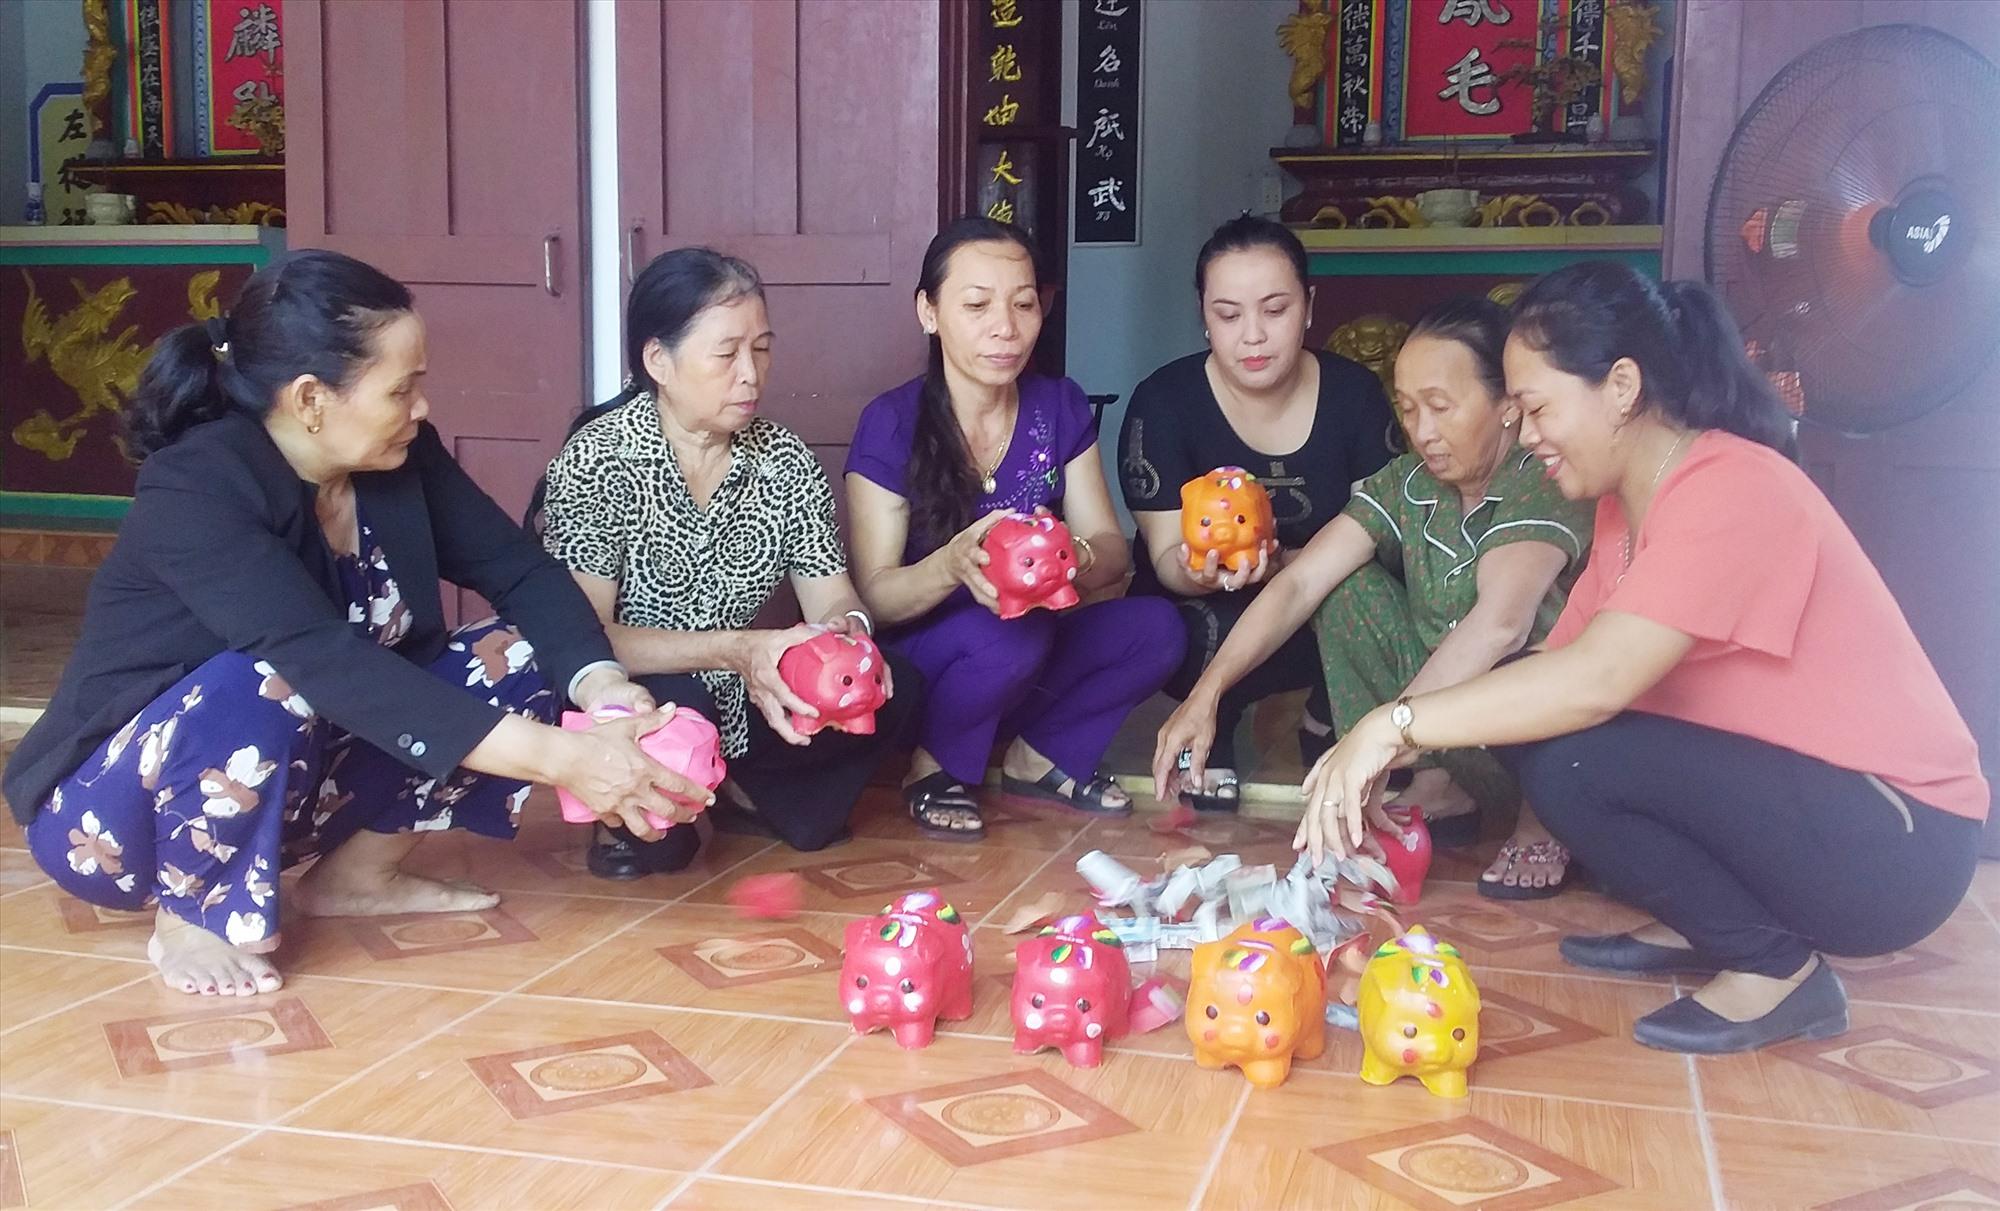 Nhiều mô hình tiết kiệm học tập theo tấm gương Bác đã phát huy hiệu quả, giúp đỡ phụ nữ nghèo. Ảnh: Giang Biên